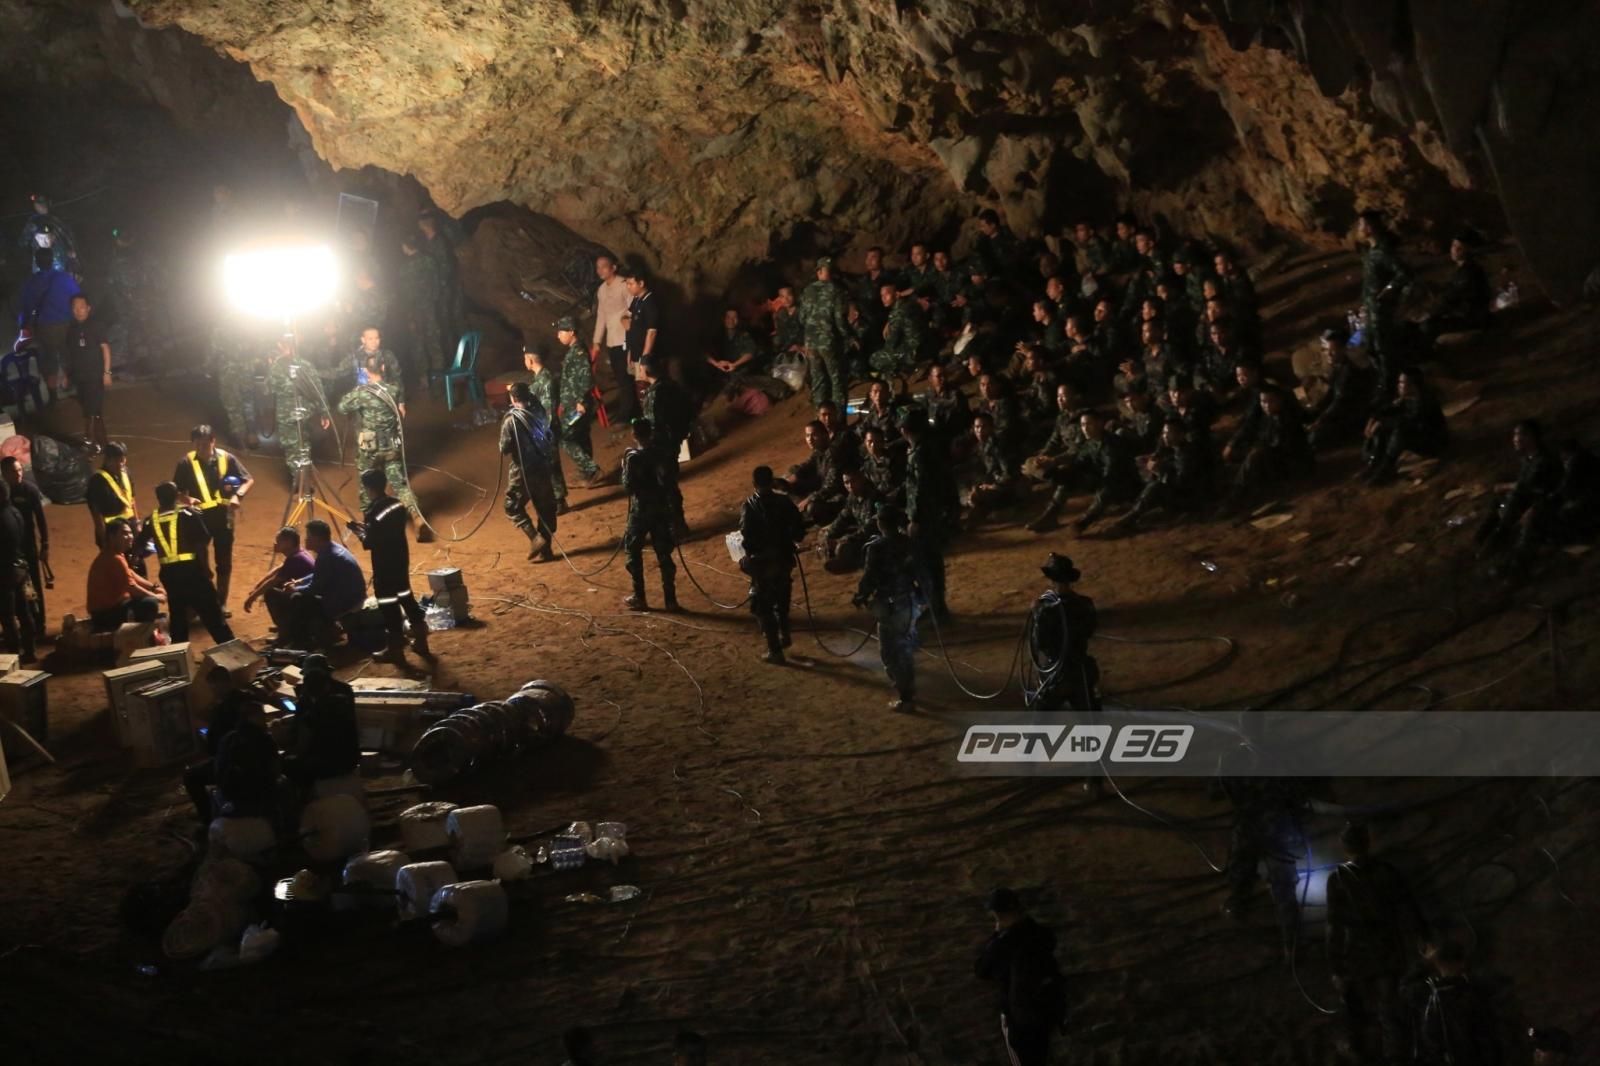 เหตุการณ์ที่ถ้ำหลวง เต็มเปี่ยมด้วยน้ำใจและฮีโร่